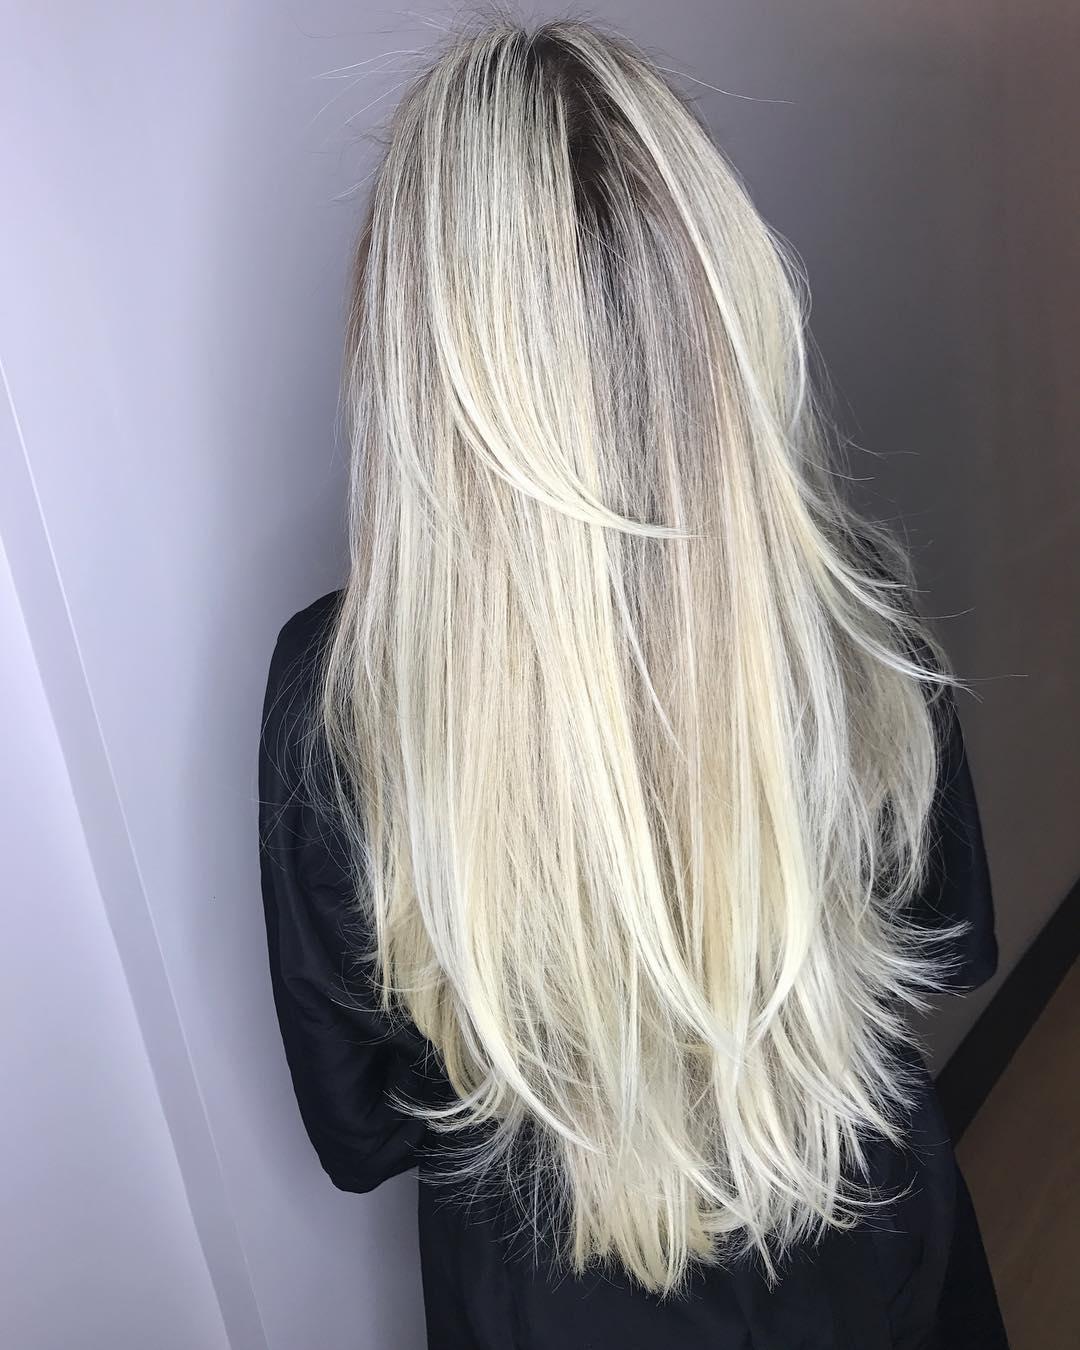 Waist-Length Choppy Haircut